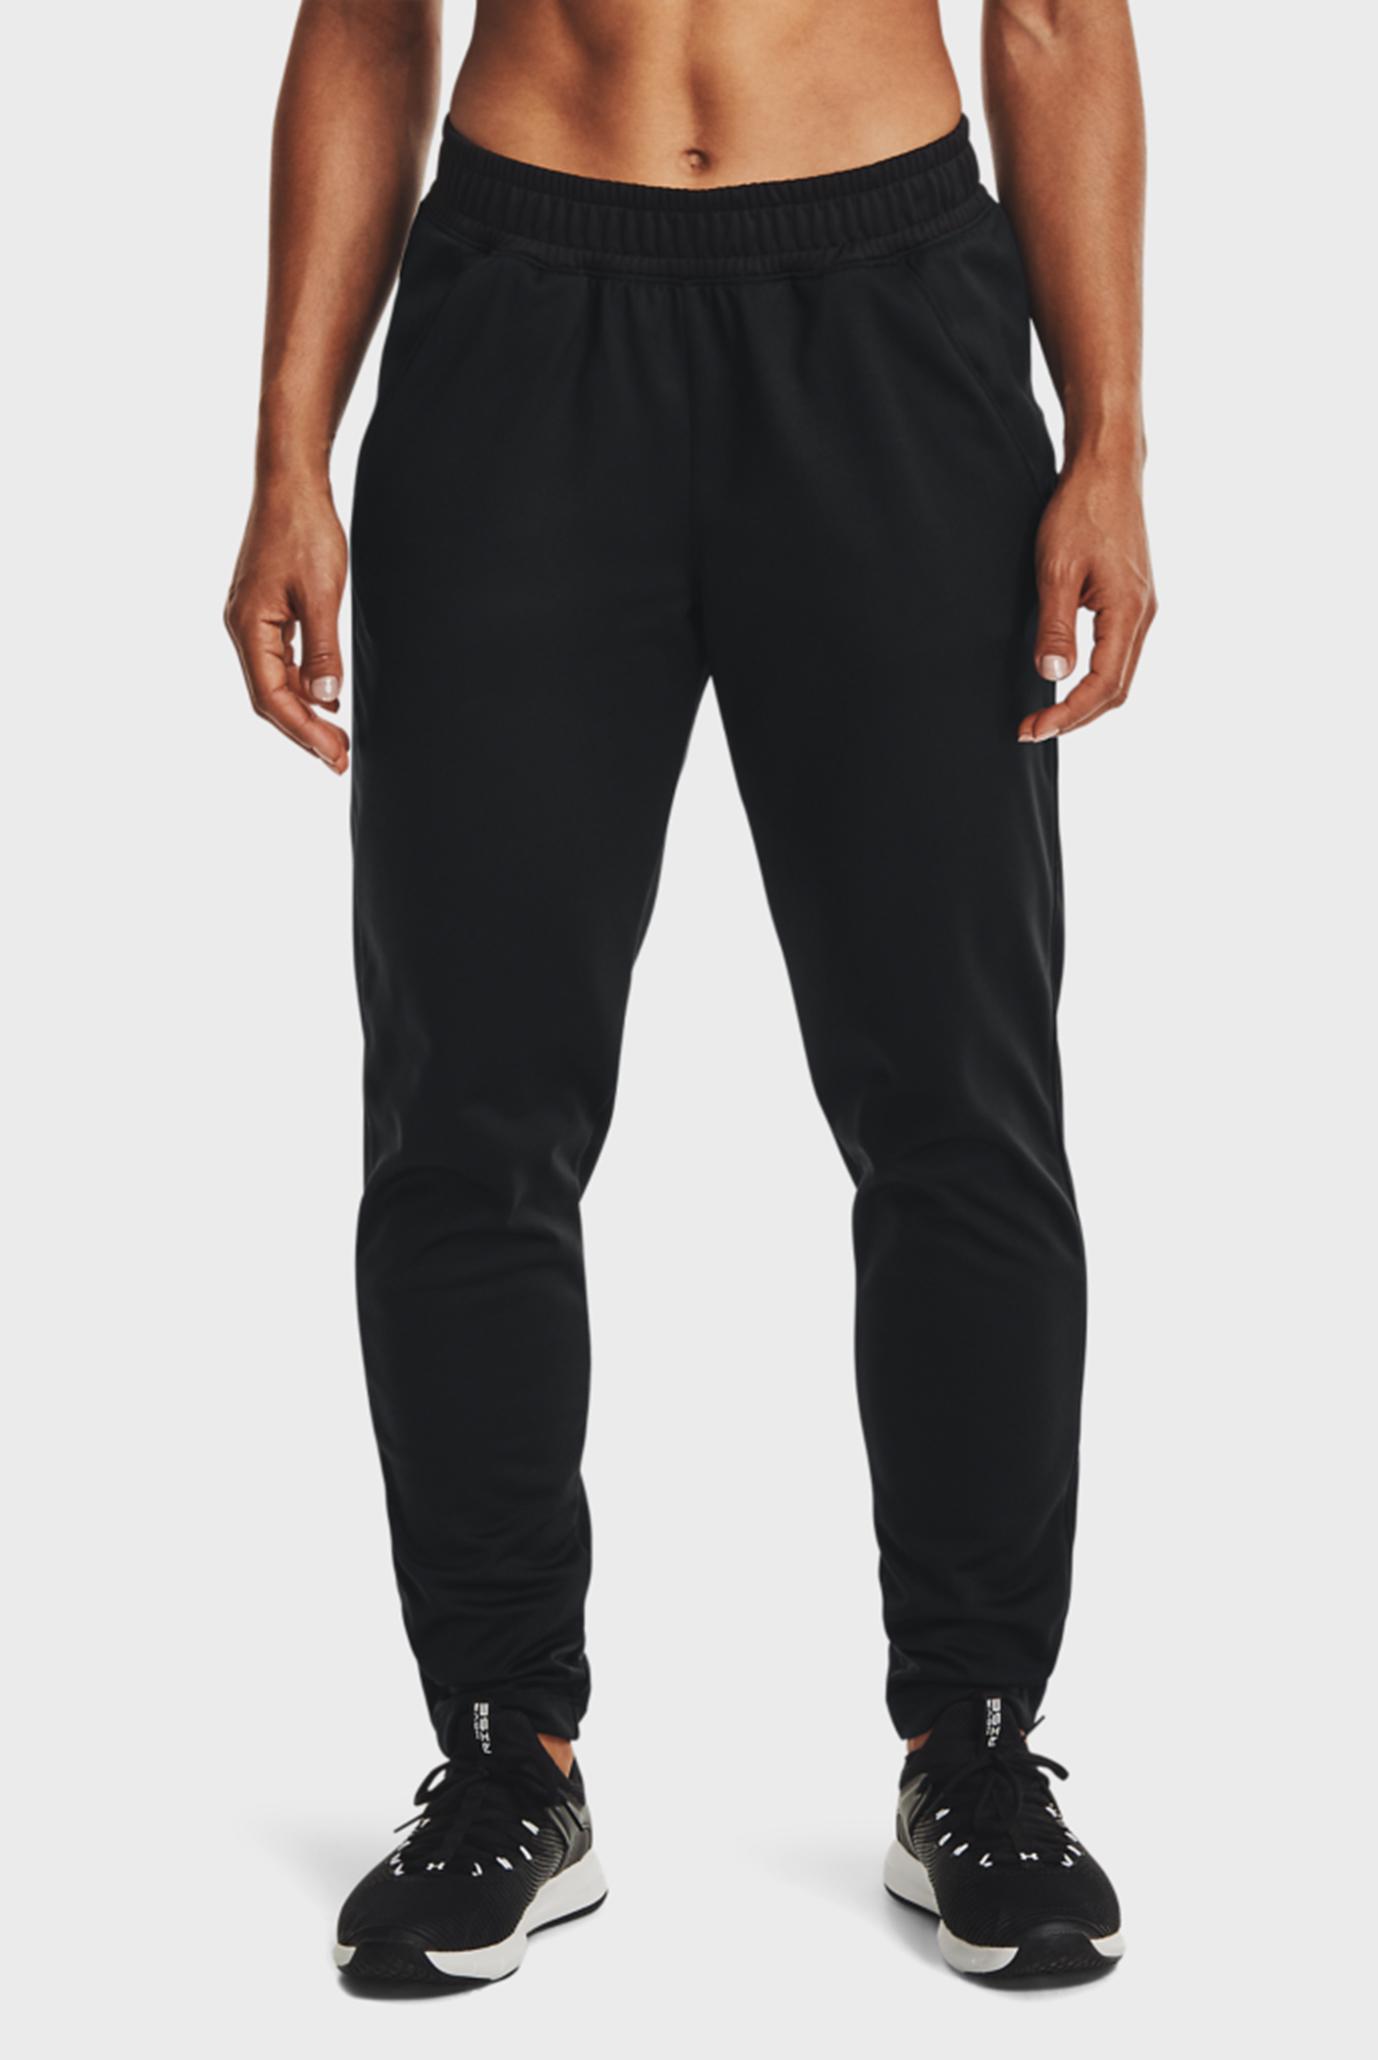 Женские черные спортивные штаны UA Tricot Pant 1